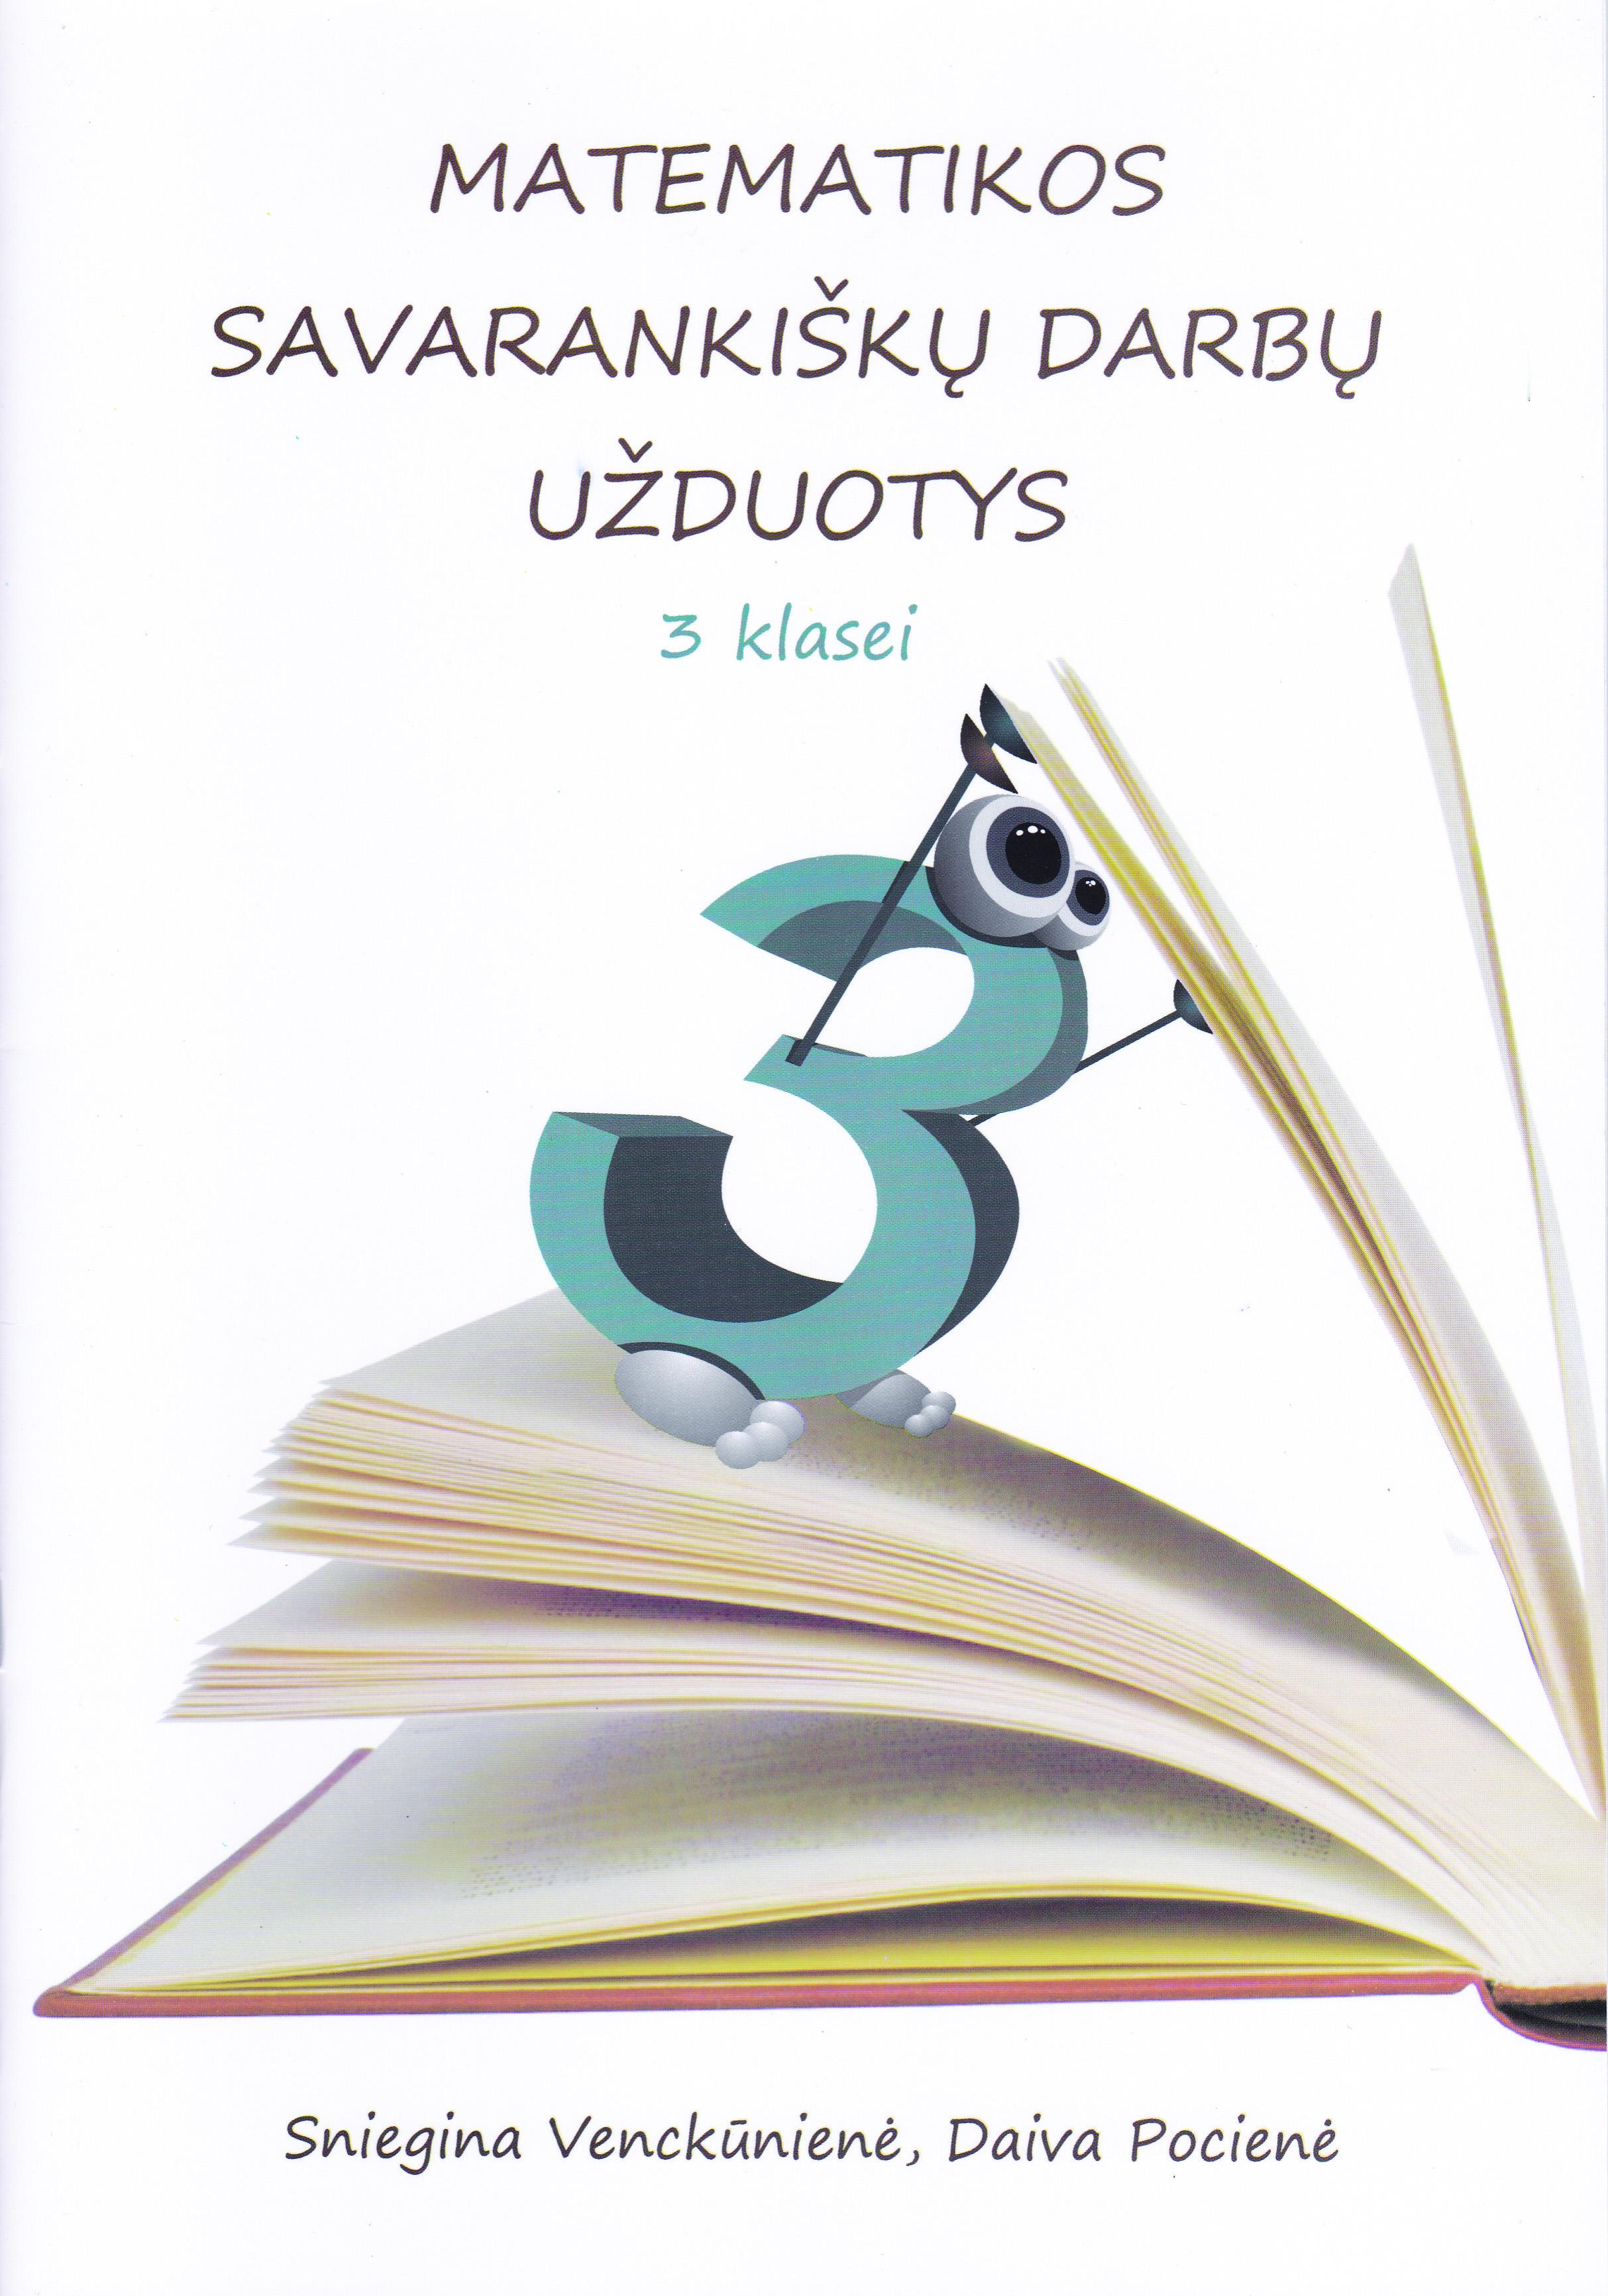 Sniegina Venckūnienė, Daiva Pocienė. MATEMATIKOS SAVARANKIŠKŲ DARBŲ UŽDUOTYS. 3 klasei